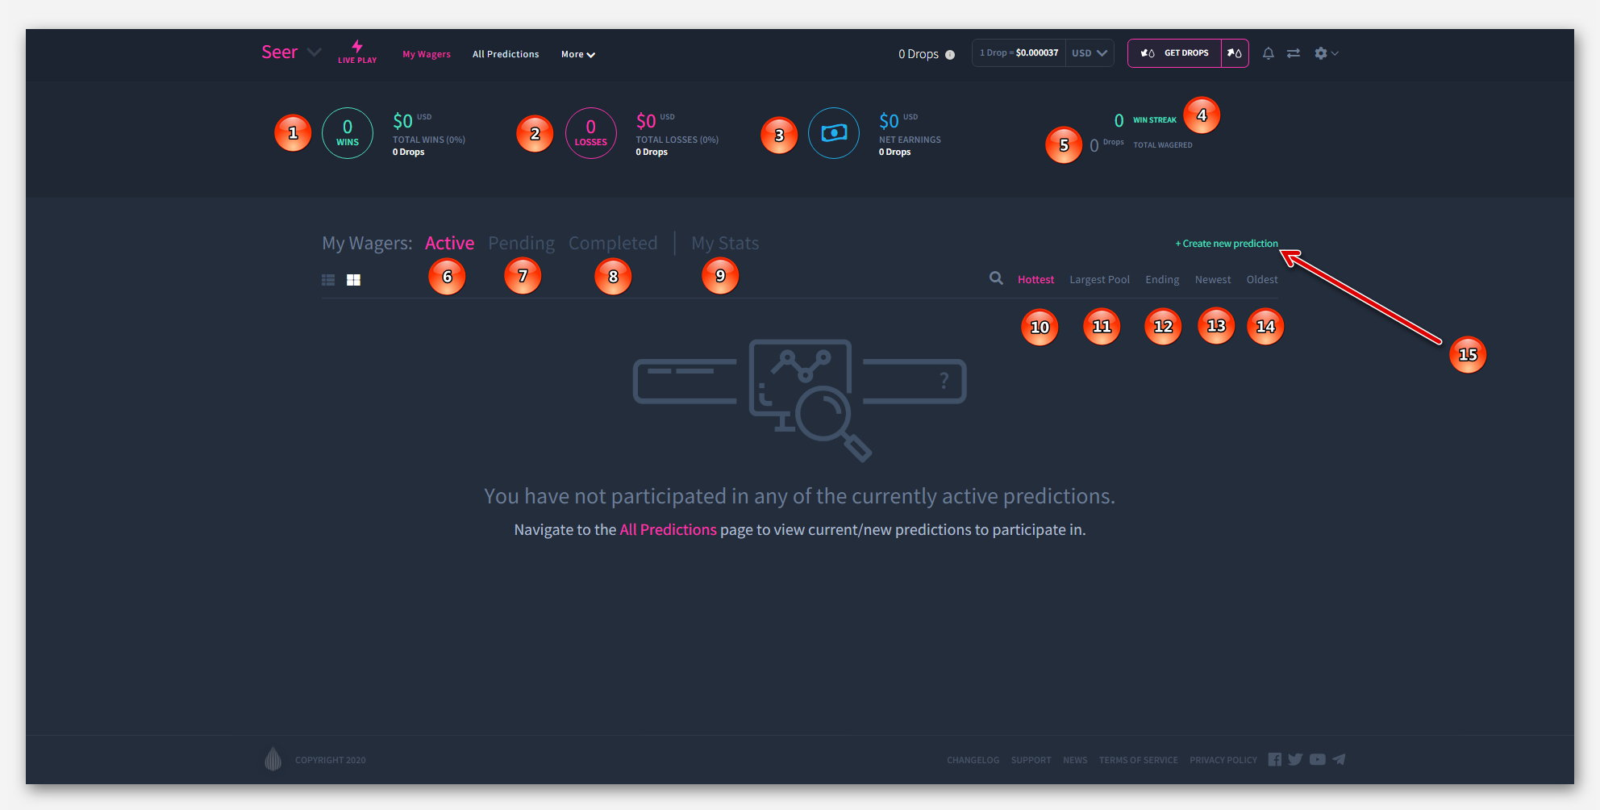 Обзор ставок в Роботе Seer, на платформе Dropil